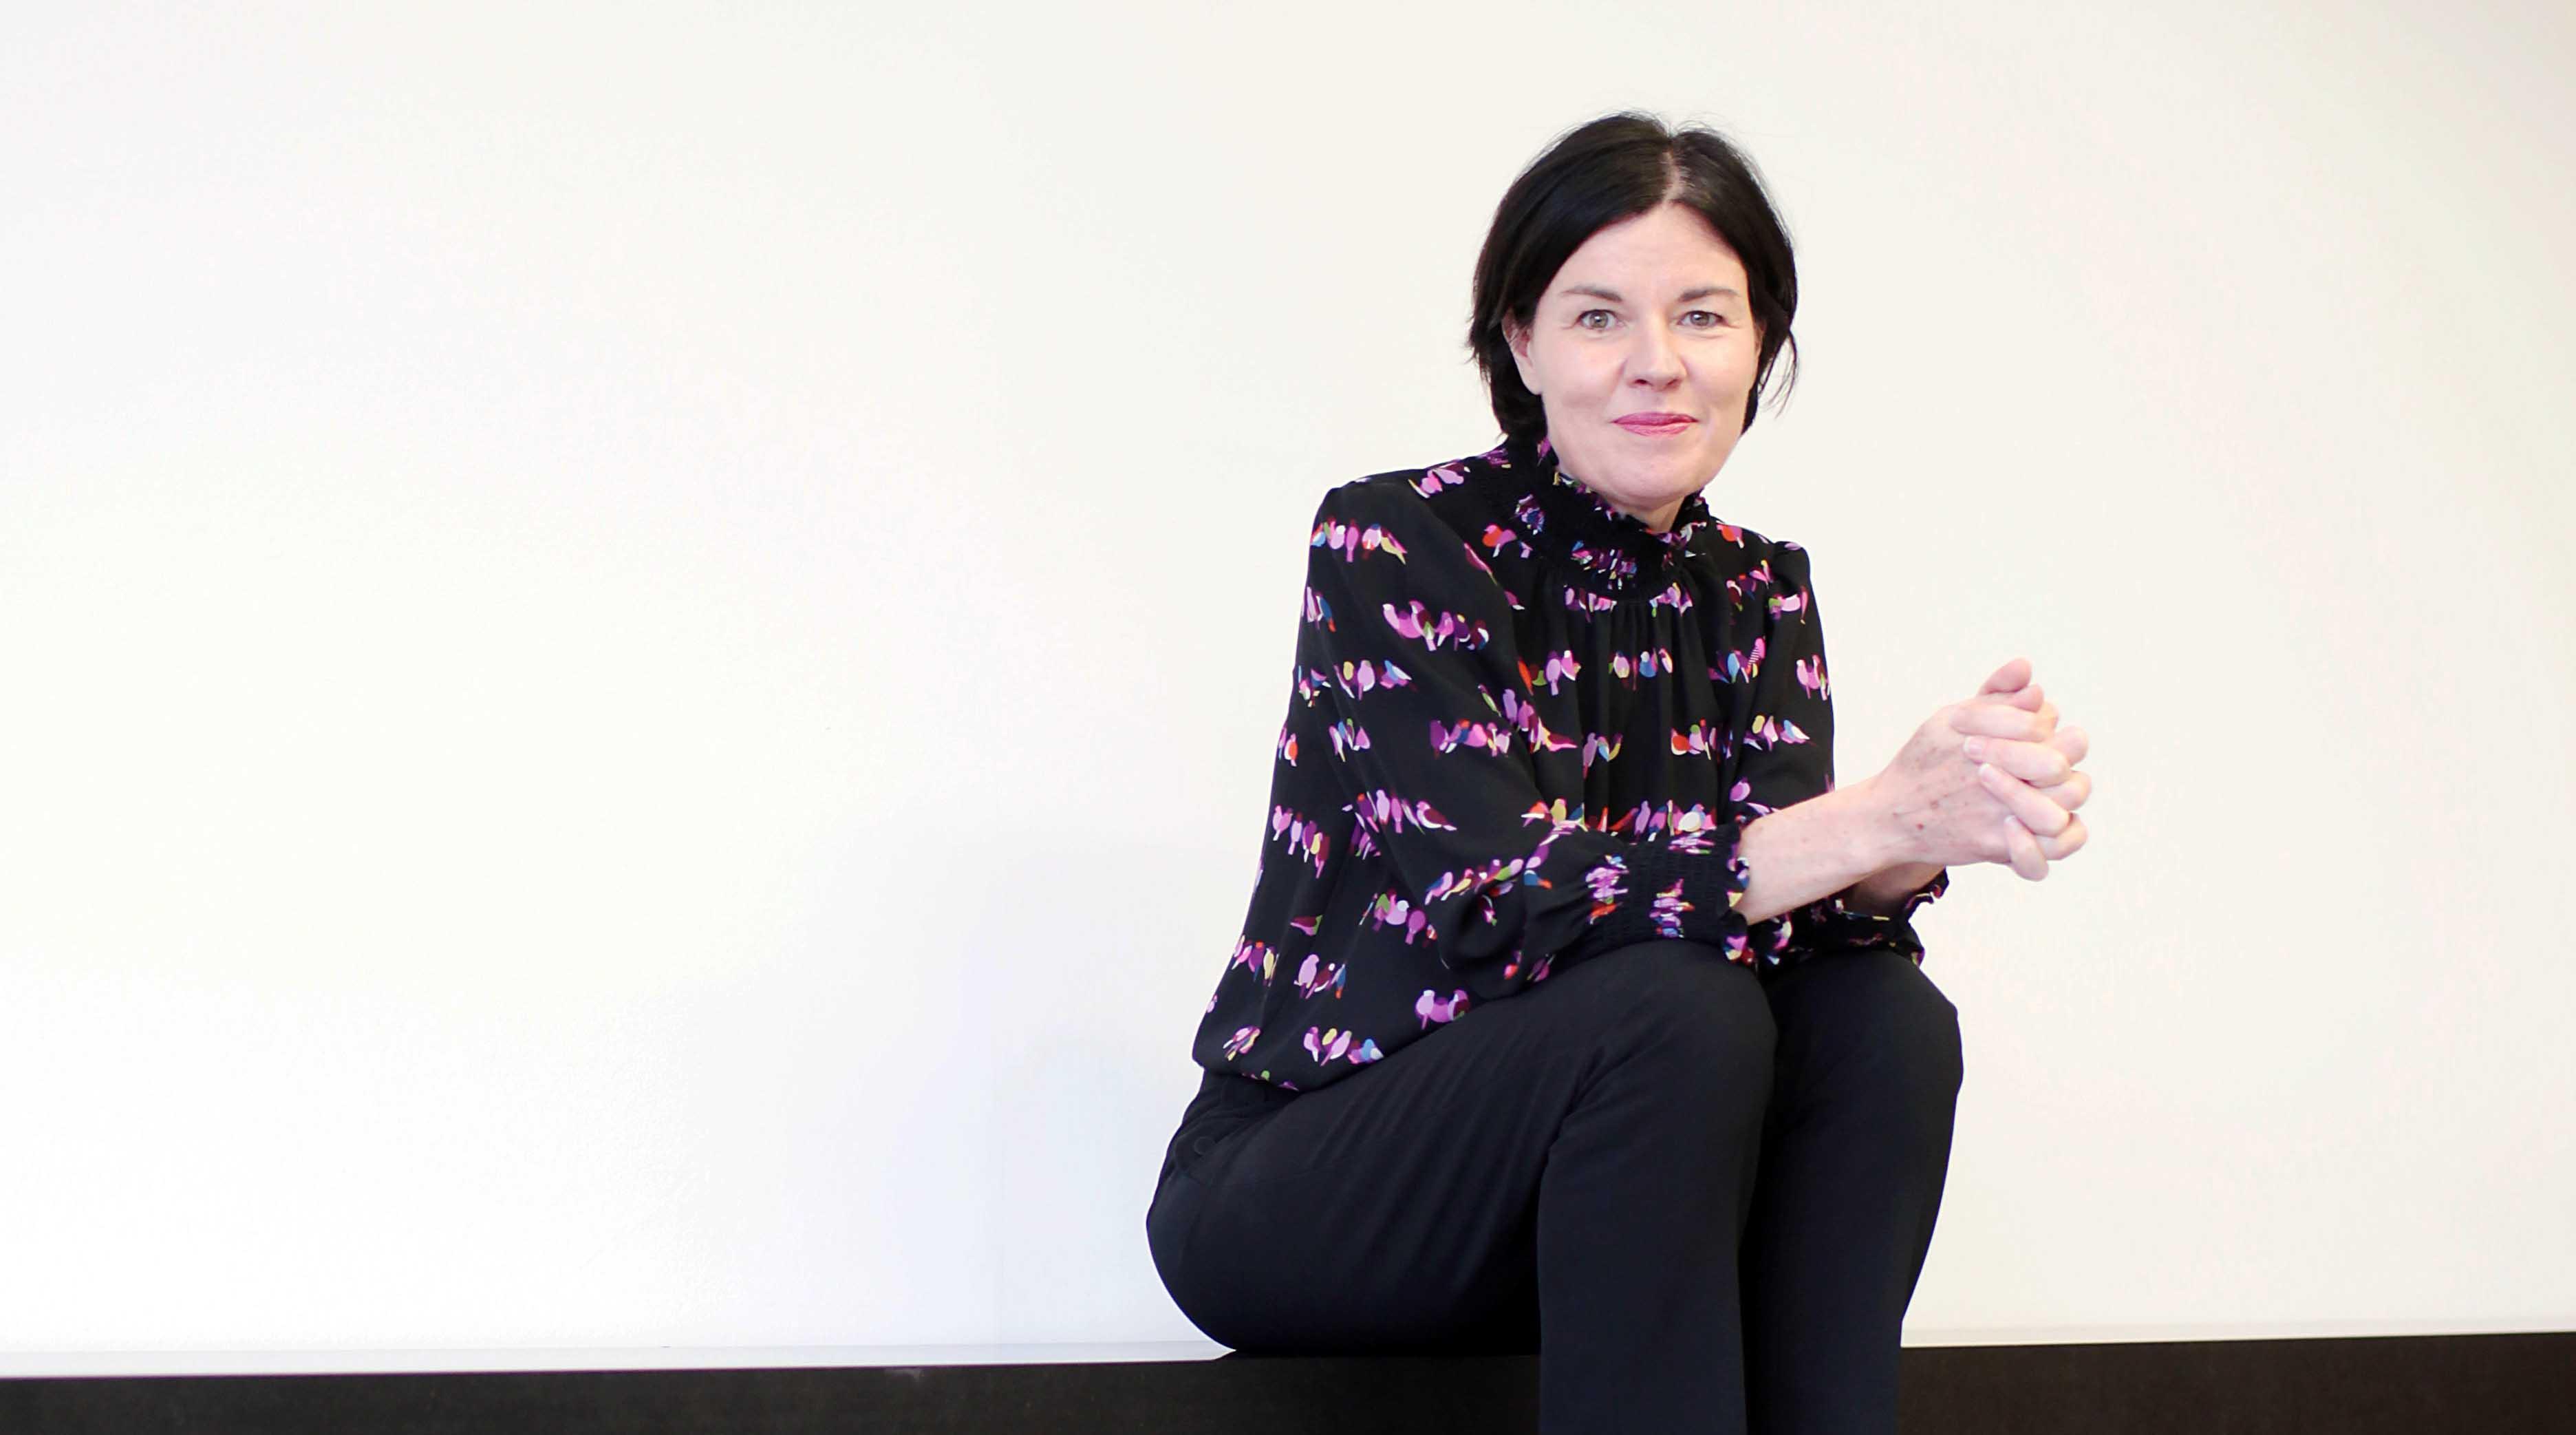 Diseñado para ser sencillo: Belinda Klaes lleva la cultura a todas partes